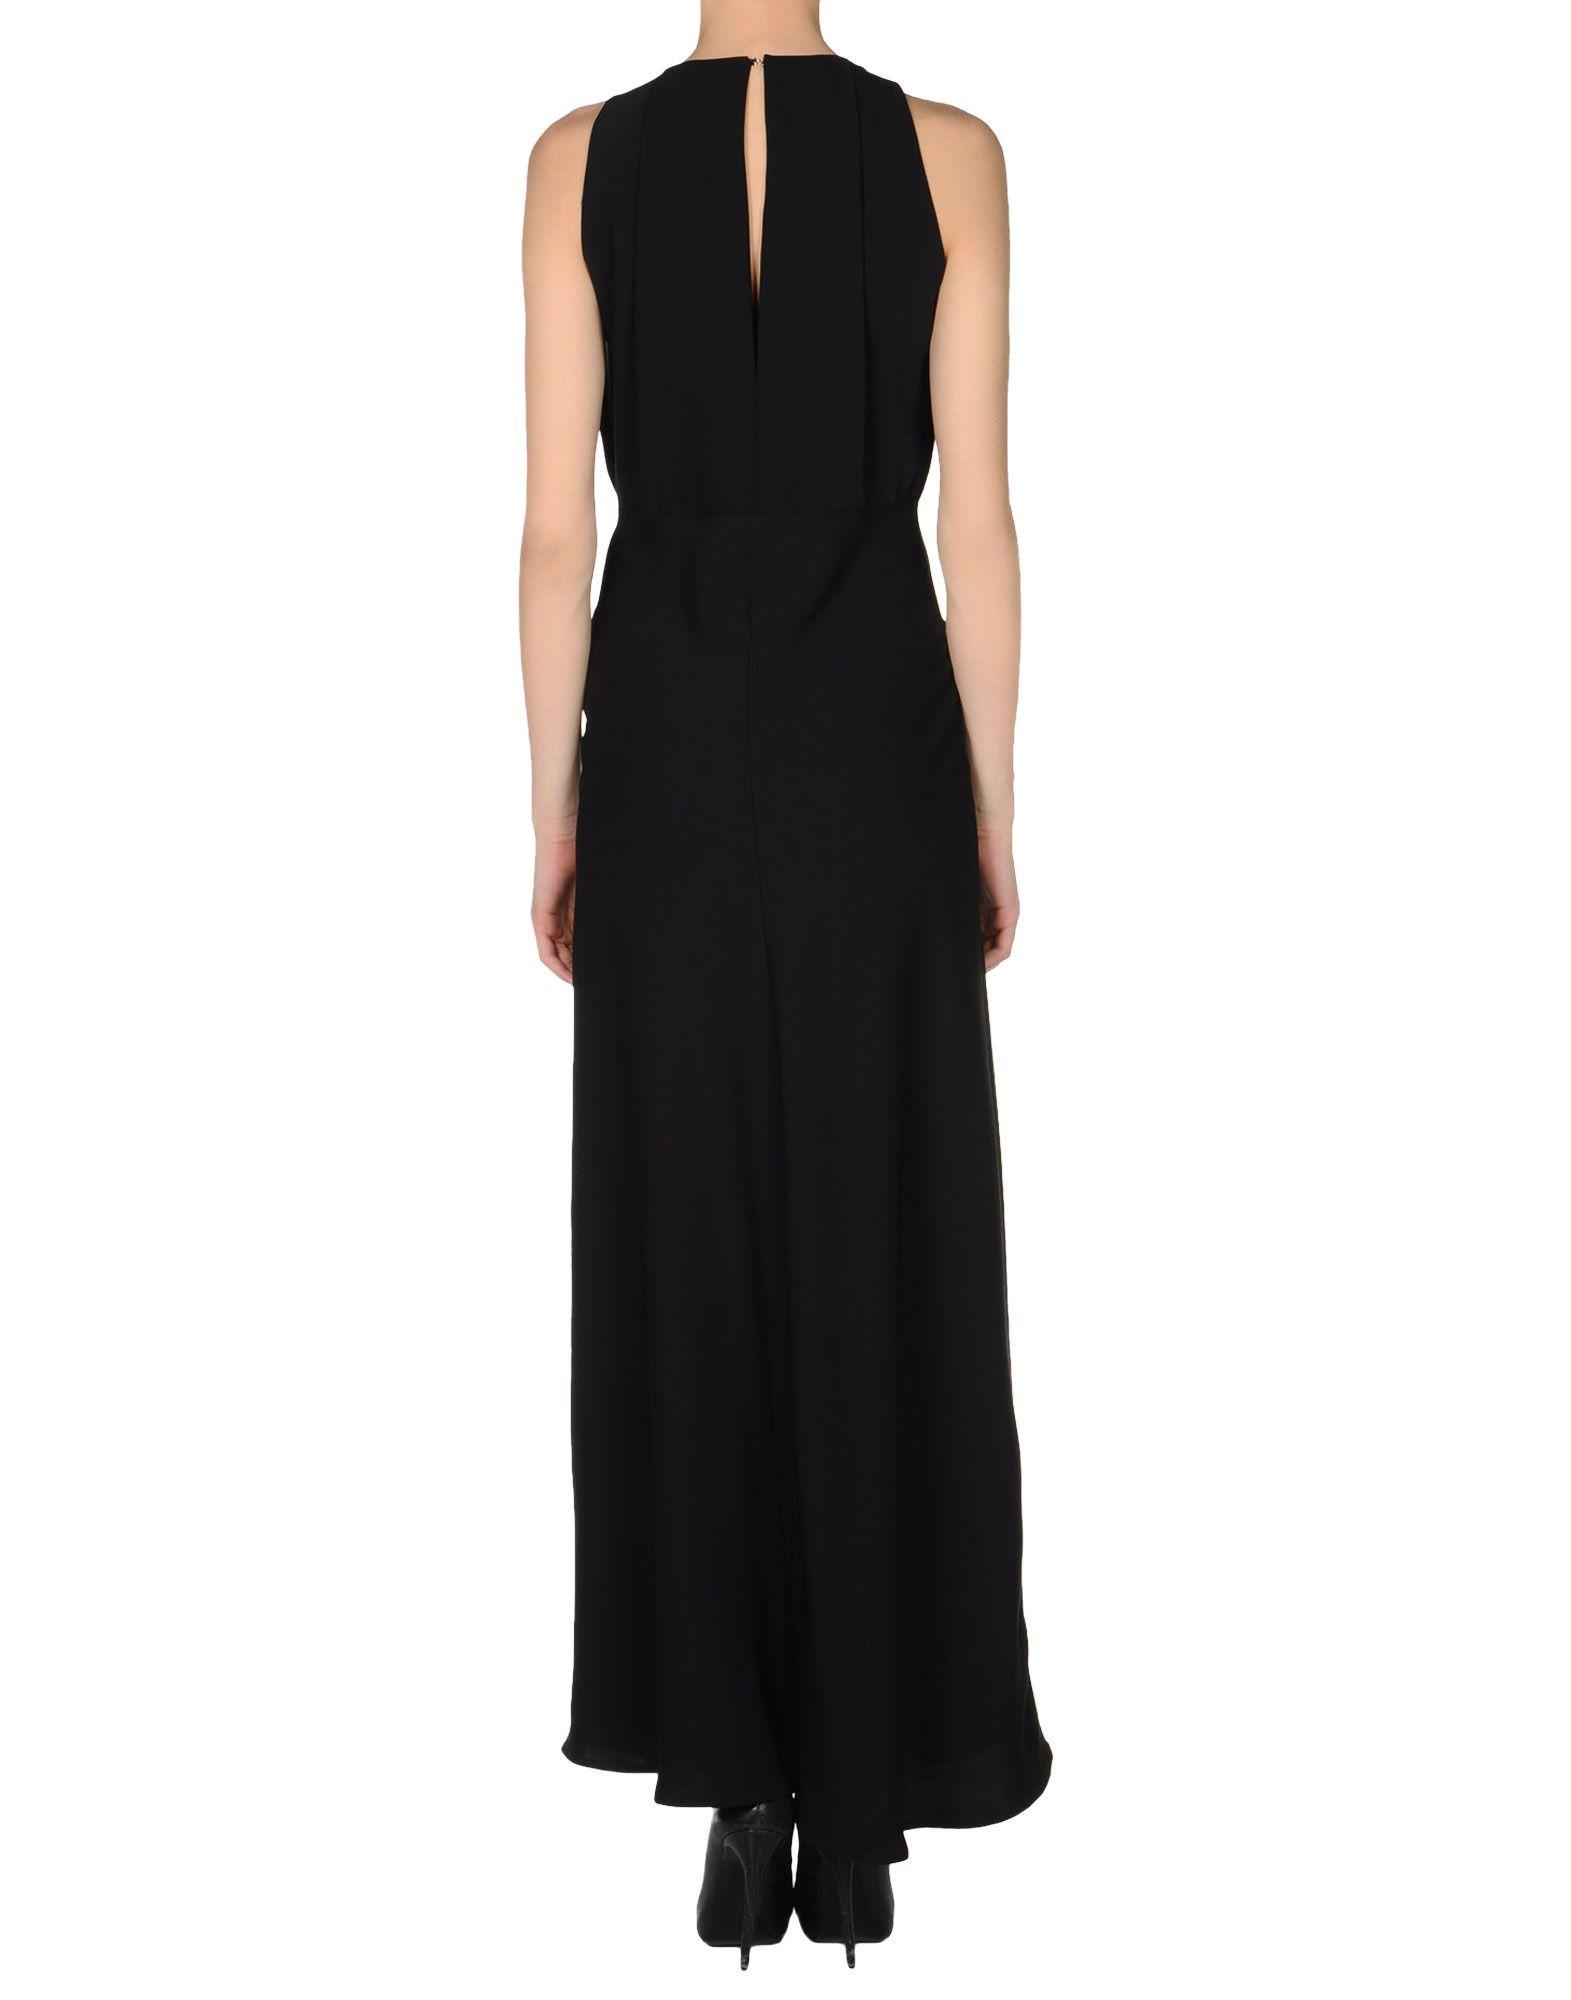 Atos Lombardini Black Sleeveless Full Length Dress